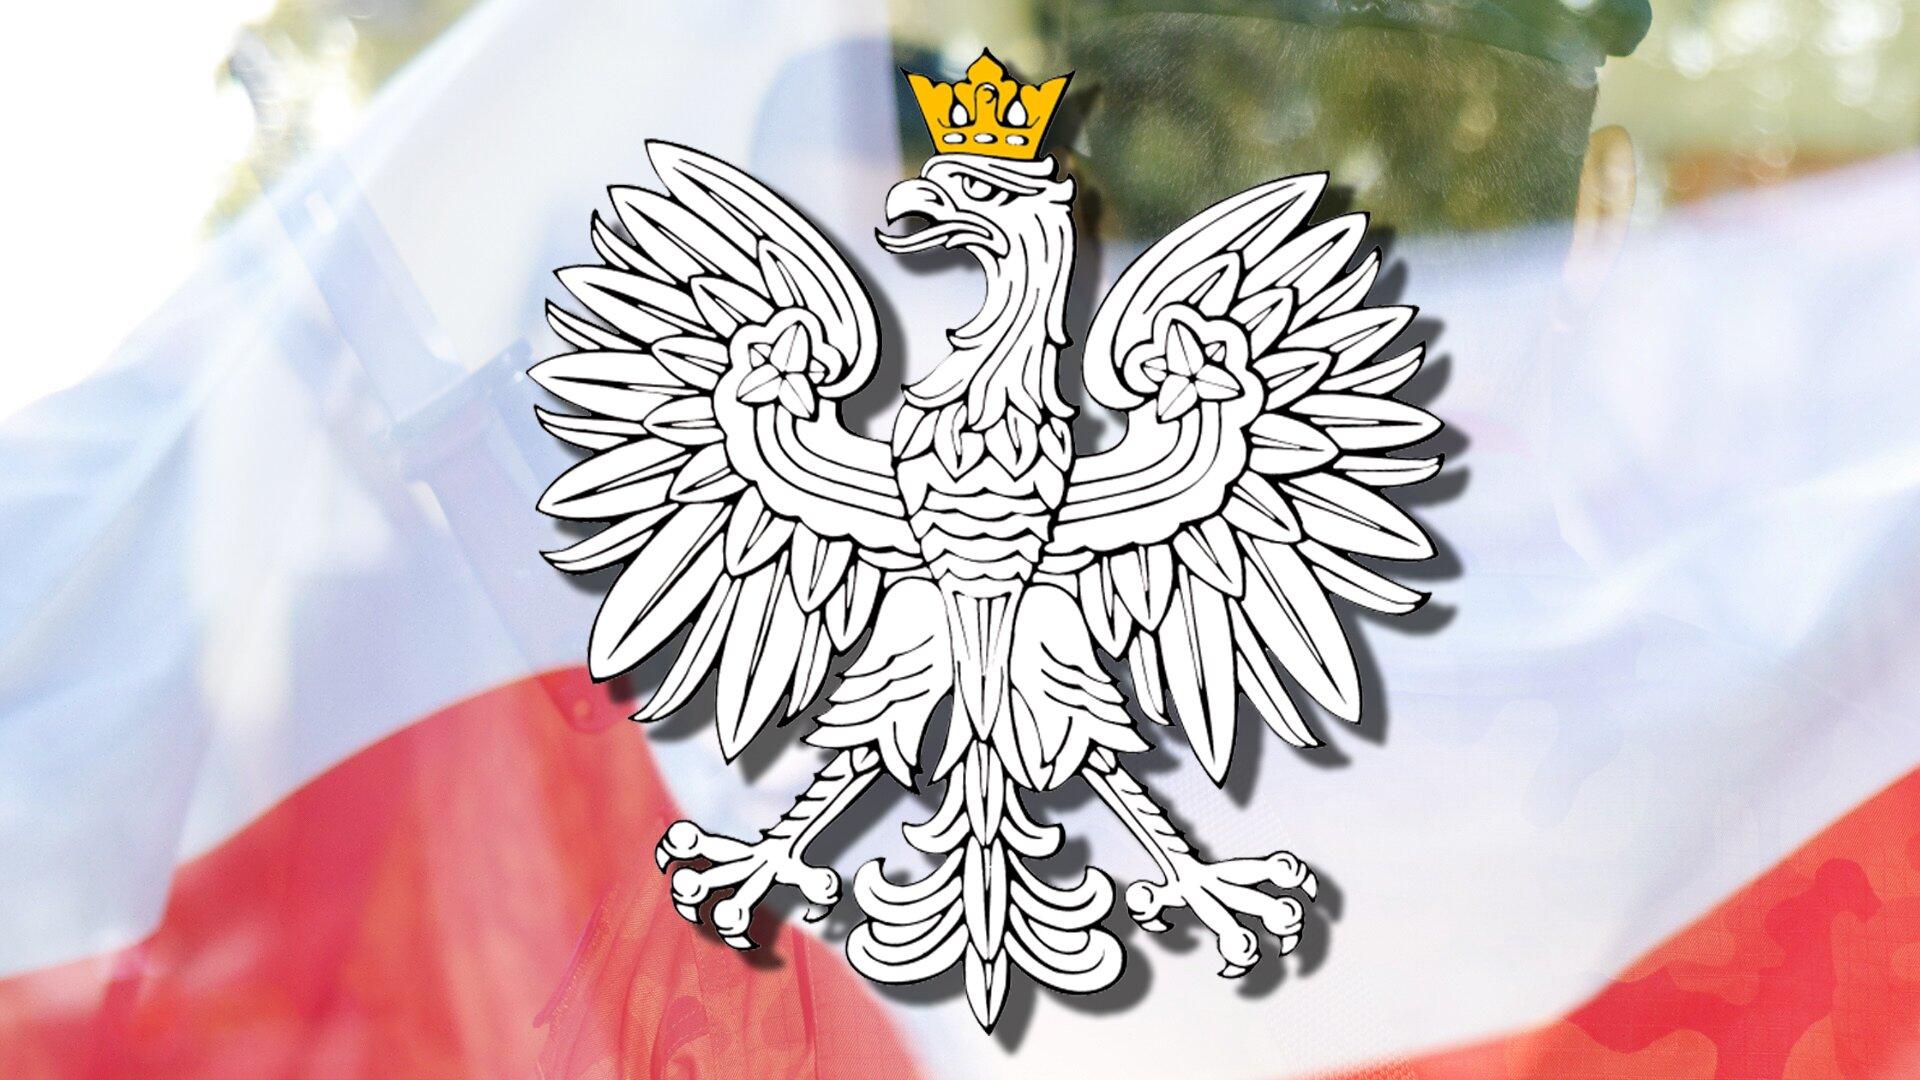 Wcentrum ilustracji umieszczony został polski Biały Orzeł wkoronie. Korona jest wkolorze złotym. Rysunek orła znajduje się na tle prześwitującej biało-czerwonej flagi. Flaga przesłania sylwetkę żołnierza kompanii honorowej. Całość ilustracji sugeruje obchody uroczystości państwowej zudziałem Kompanii Reprezentacyjnej Wojska Polskiego.